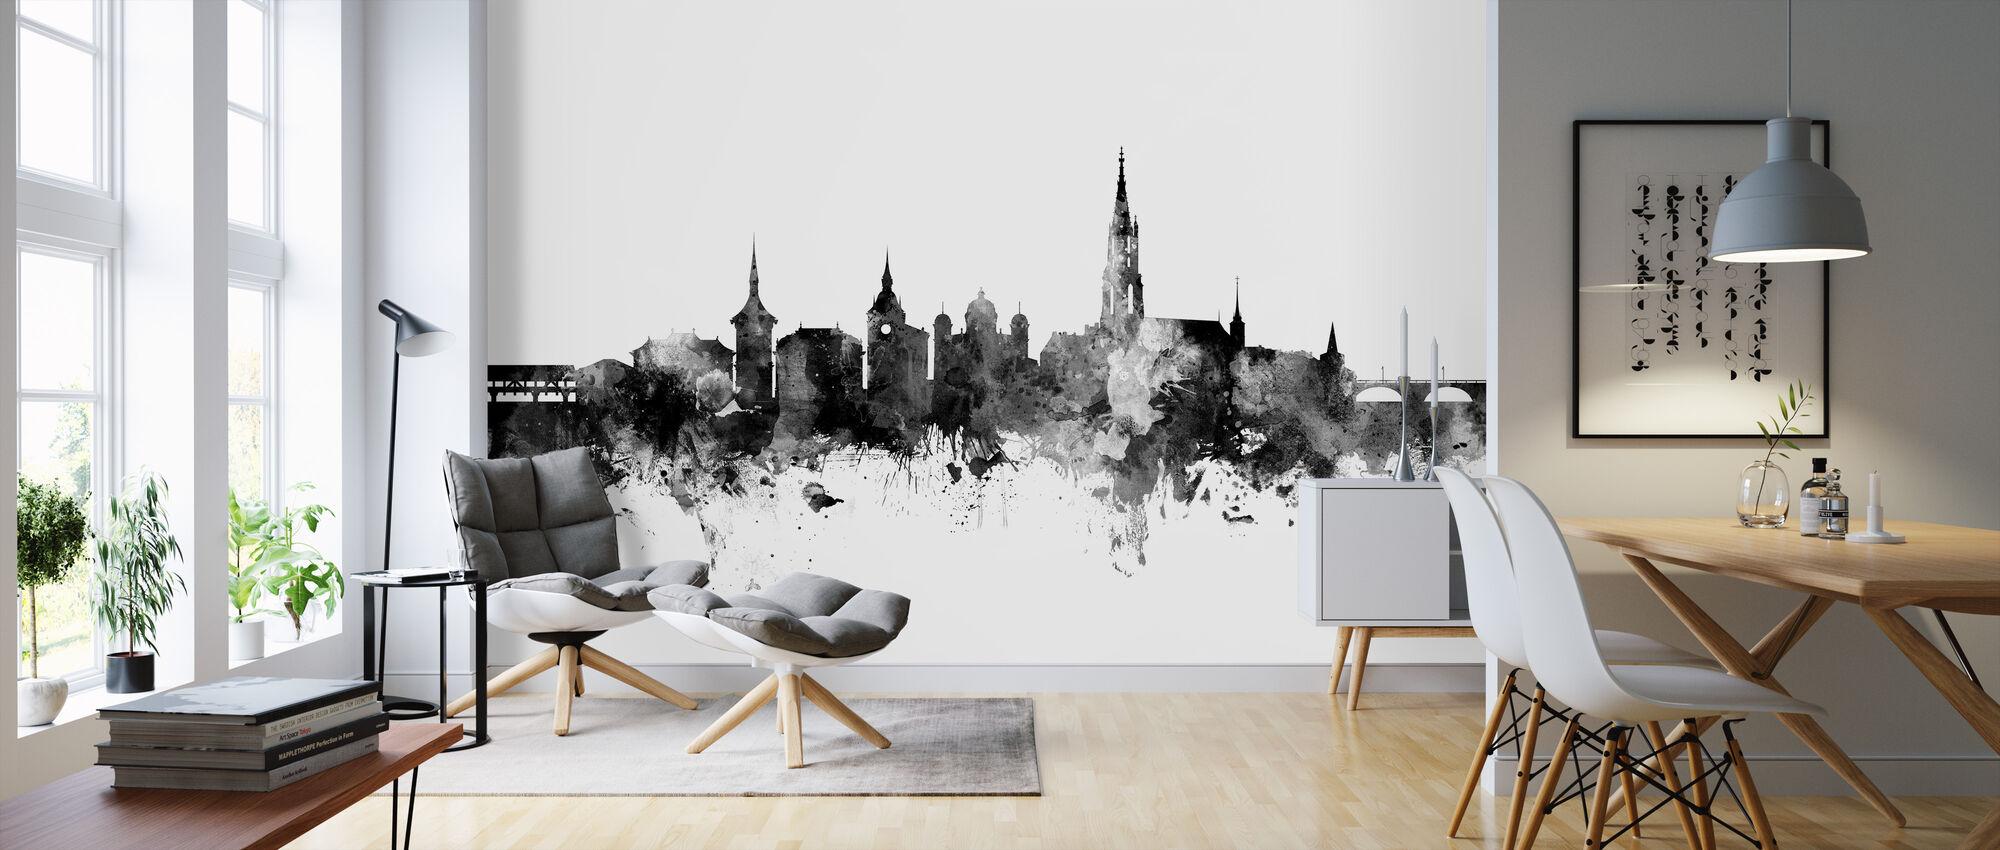 Bern Skyline Black - Wallpaper - Living Room